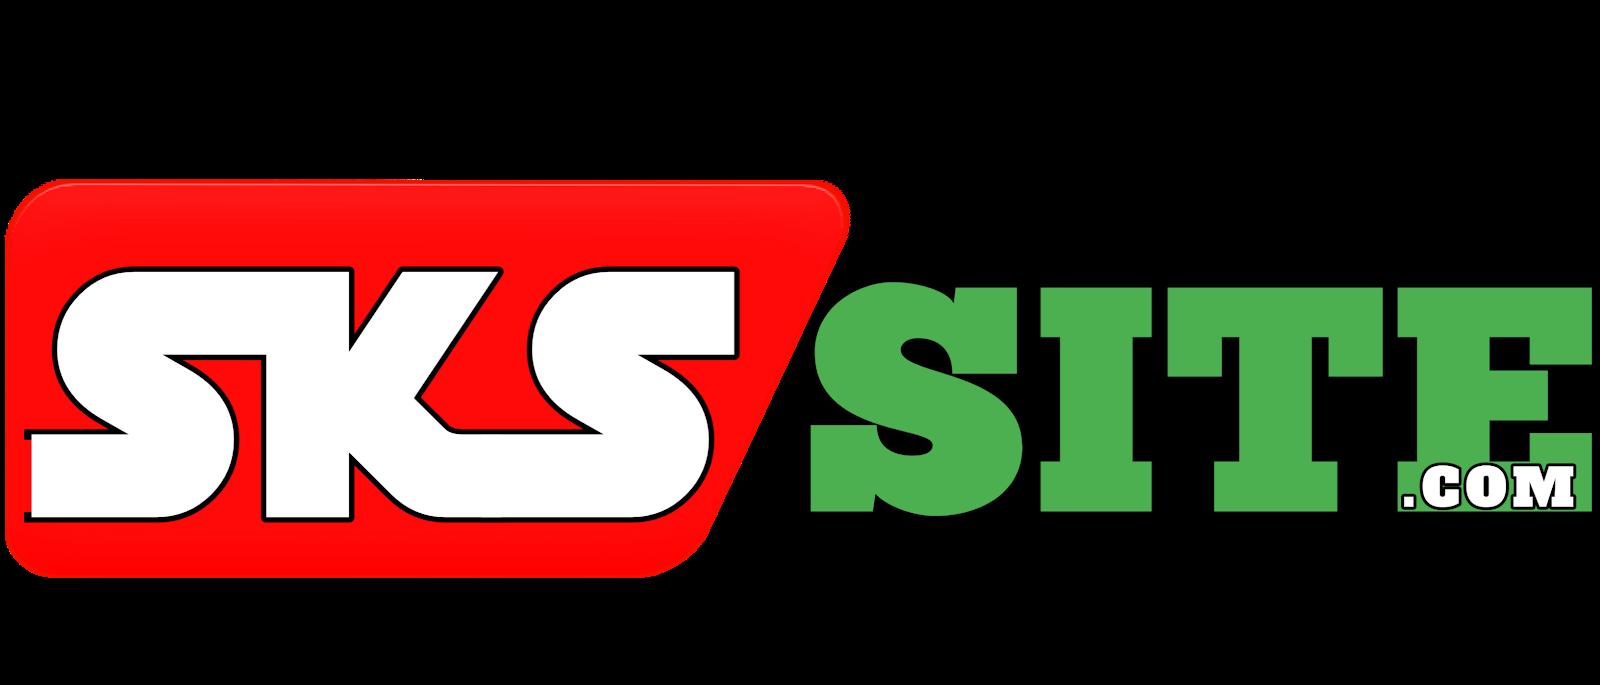 Skssite.Com